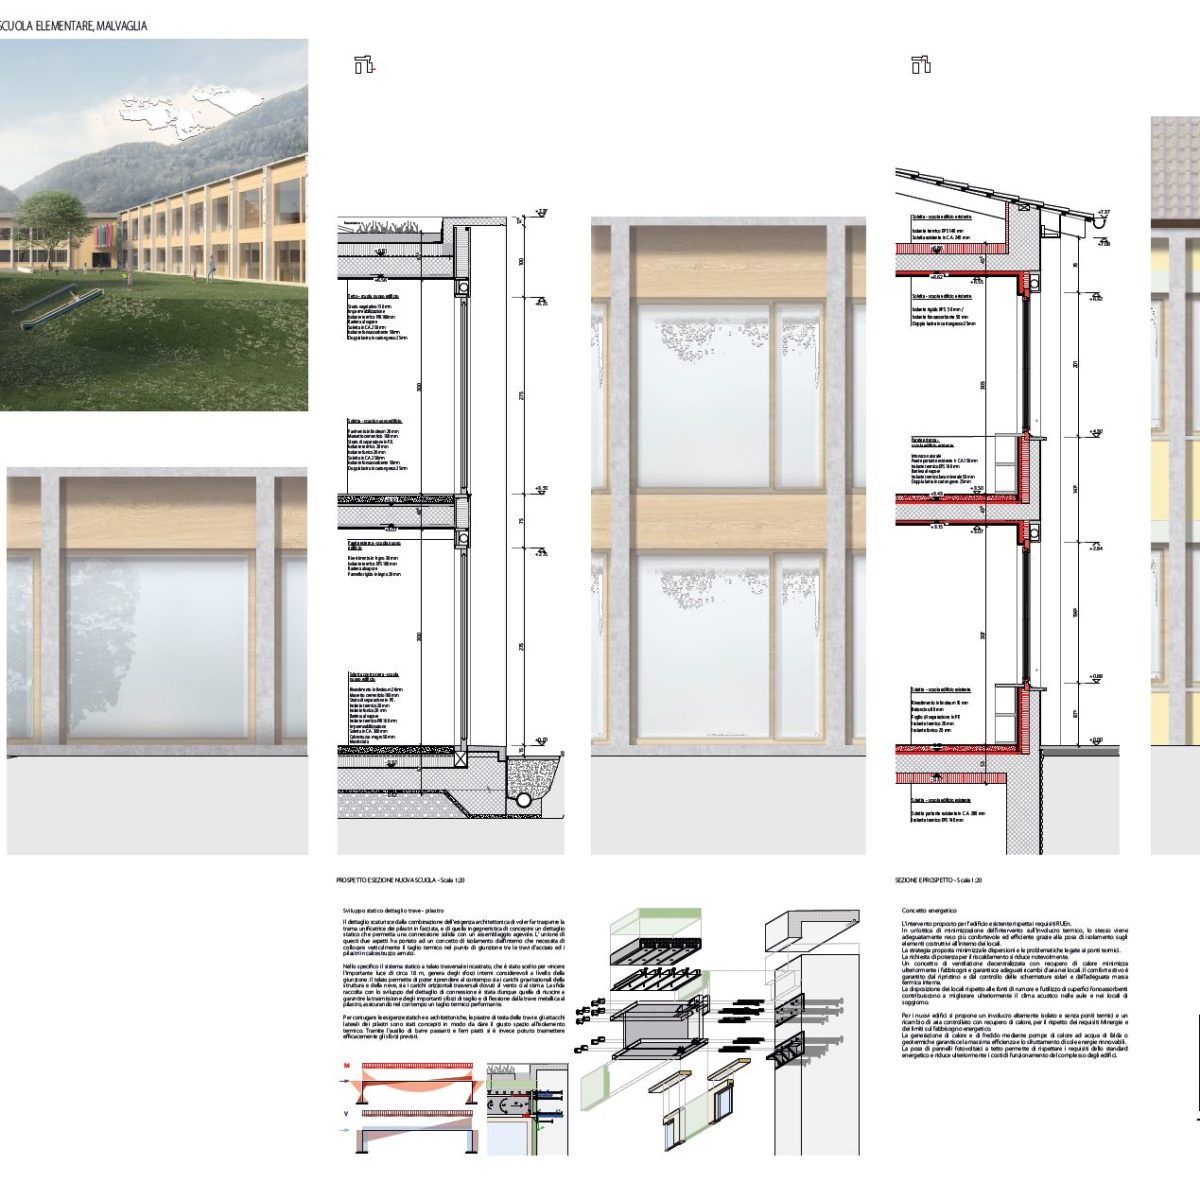 Concorso ristrutturazione e ampliamento, scuola elementare a Malvaglia